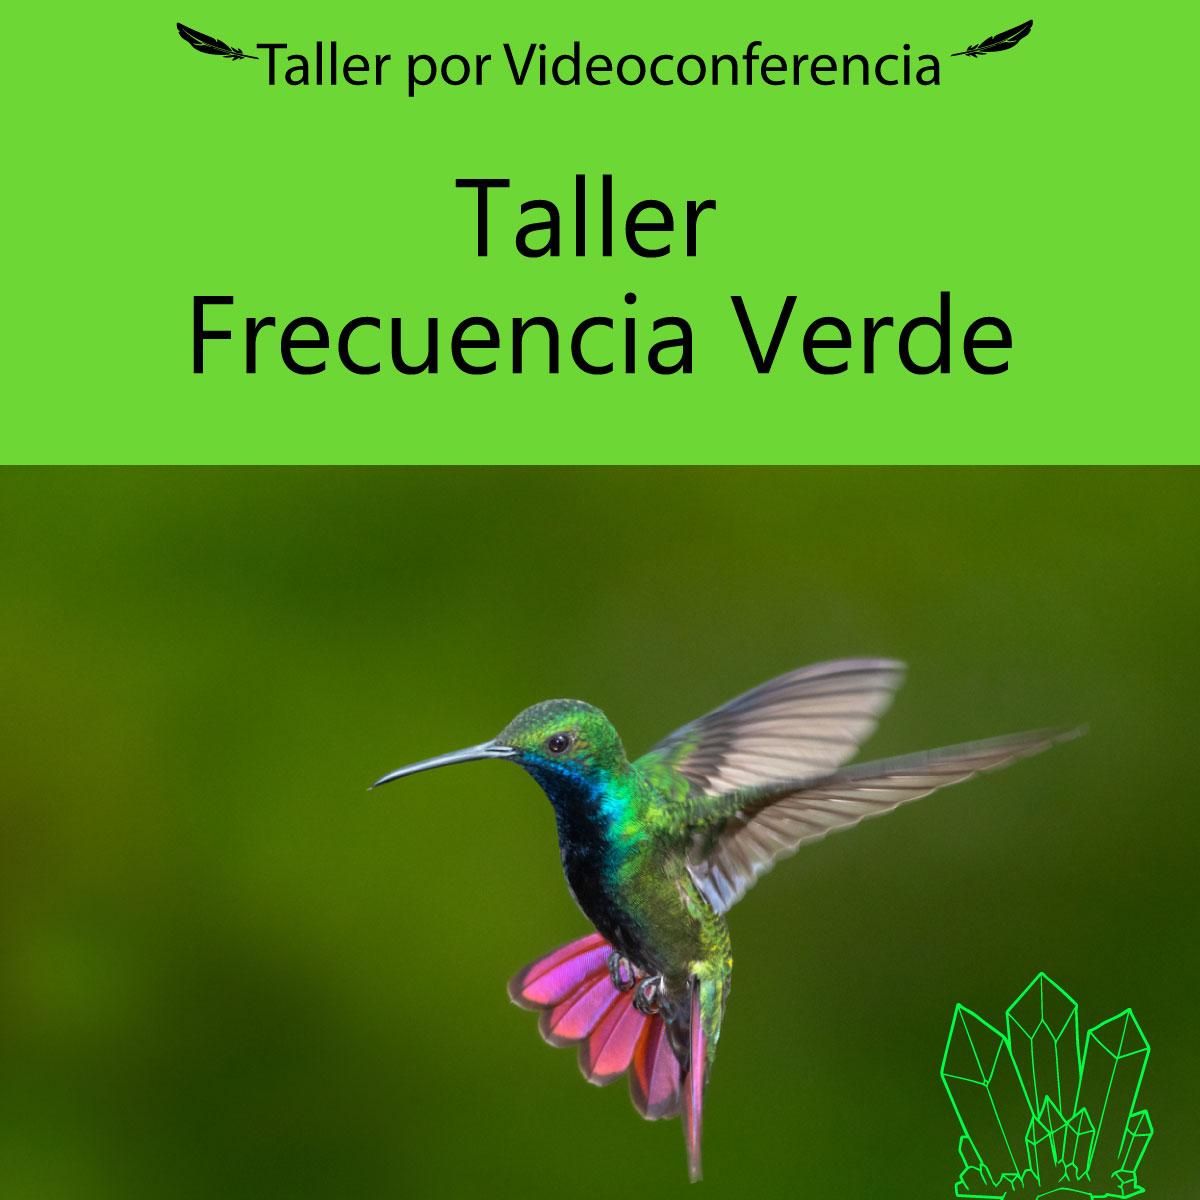 Taller Virtual Frecuencia Verde